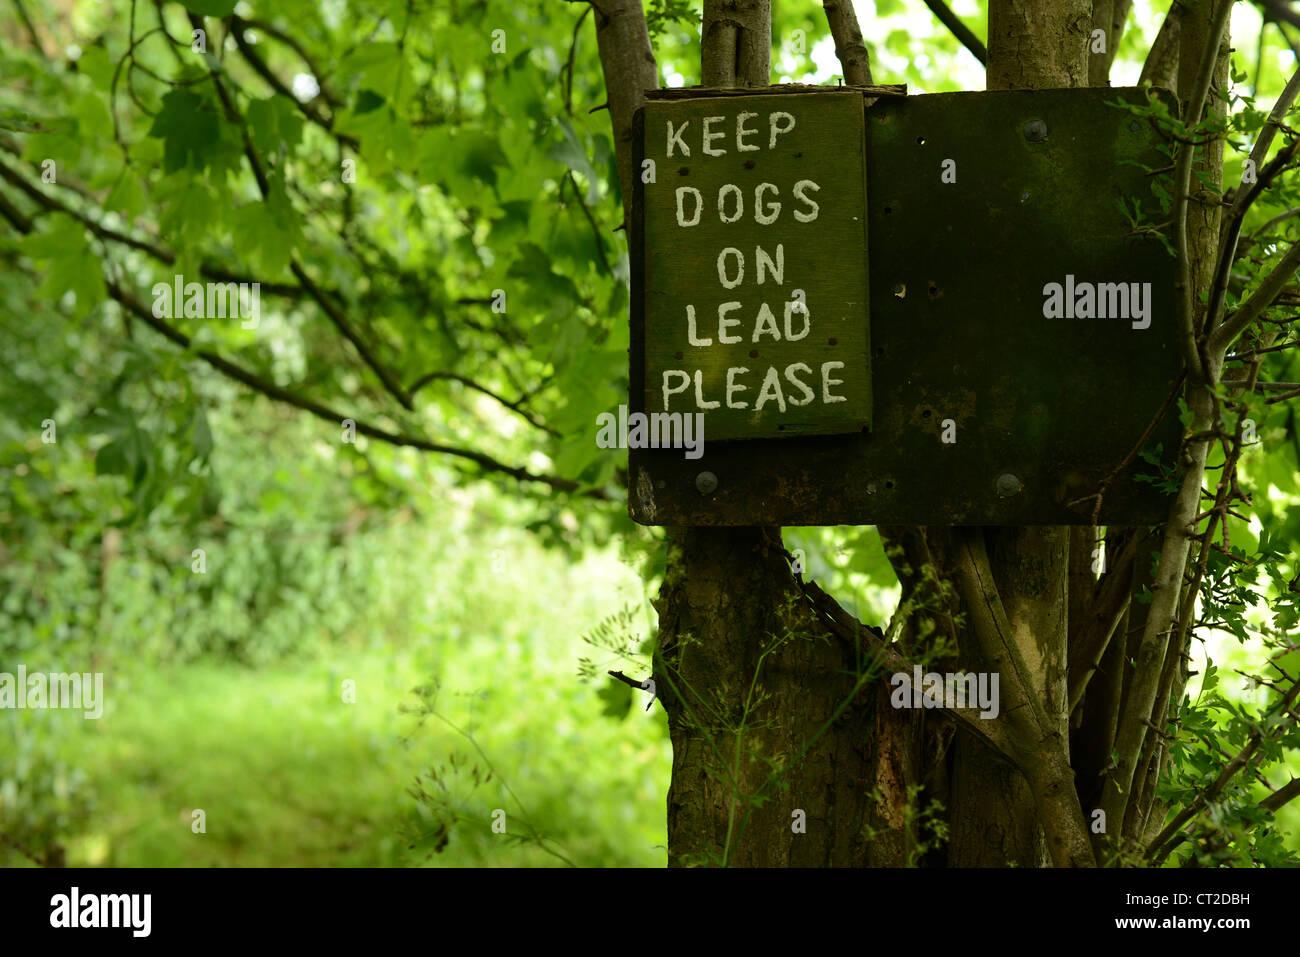 Mantener los perros de plomo. Cartel en una granja de ovejas, Imagen De Stock